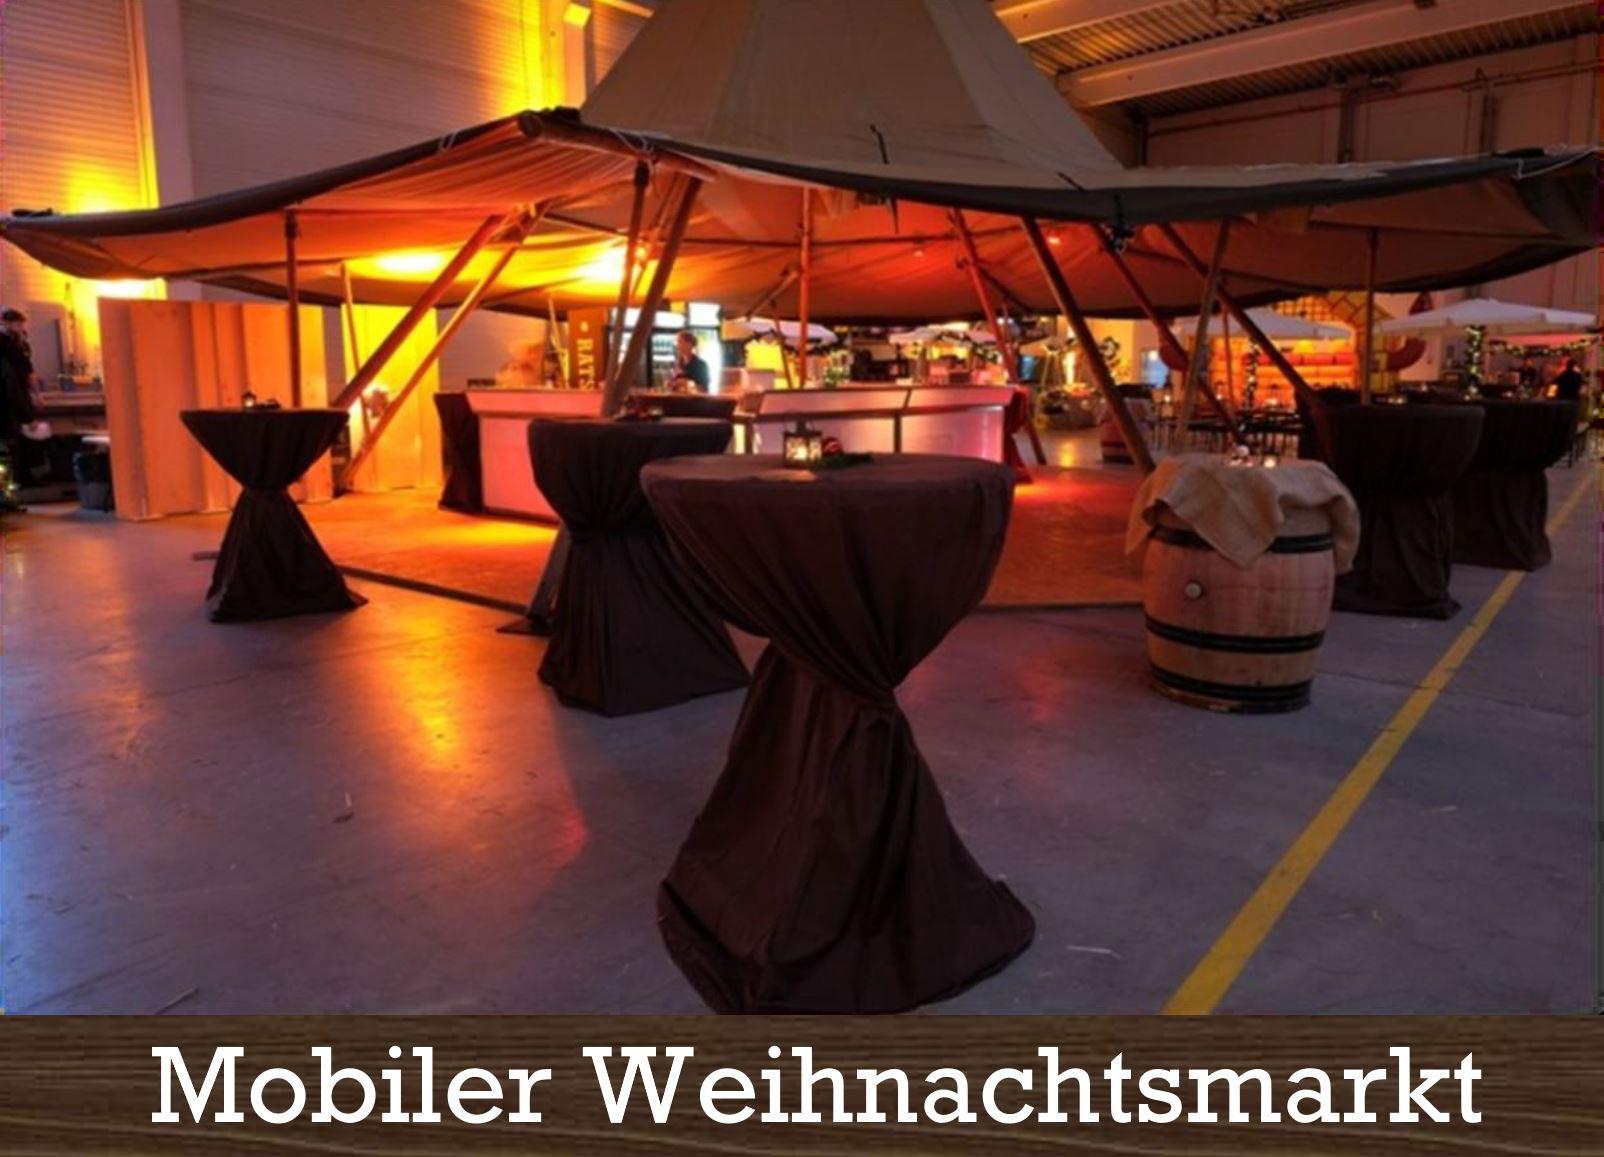 Mobiler Weihnachtsmarkt 2020 1